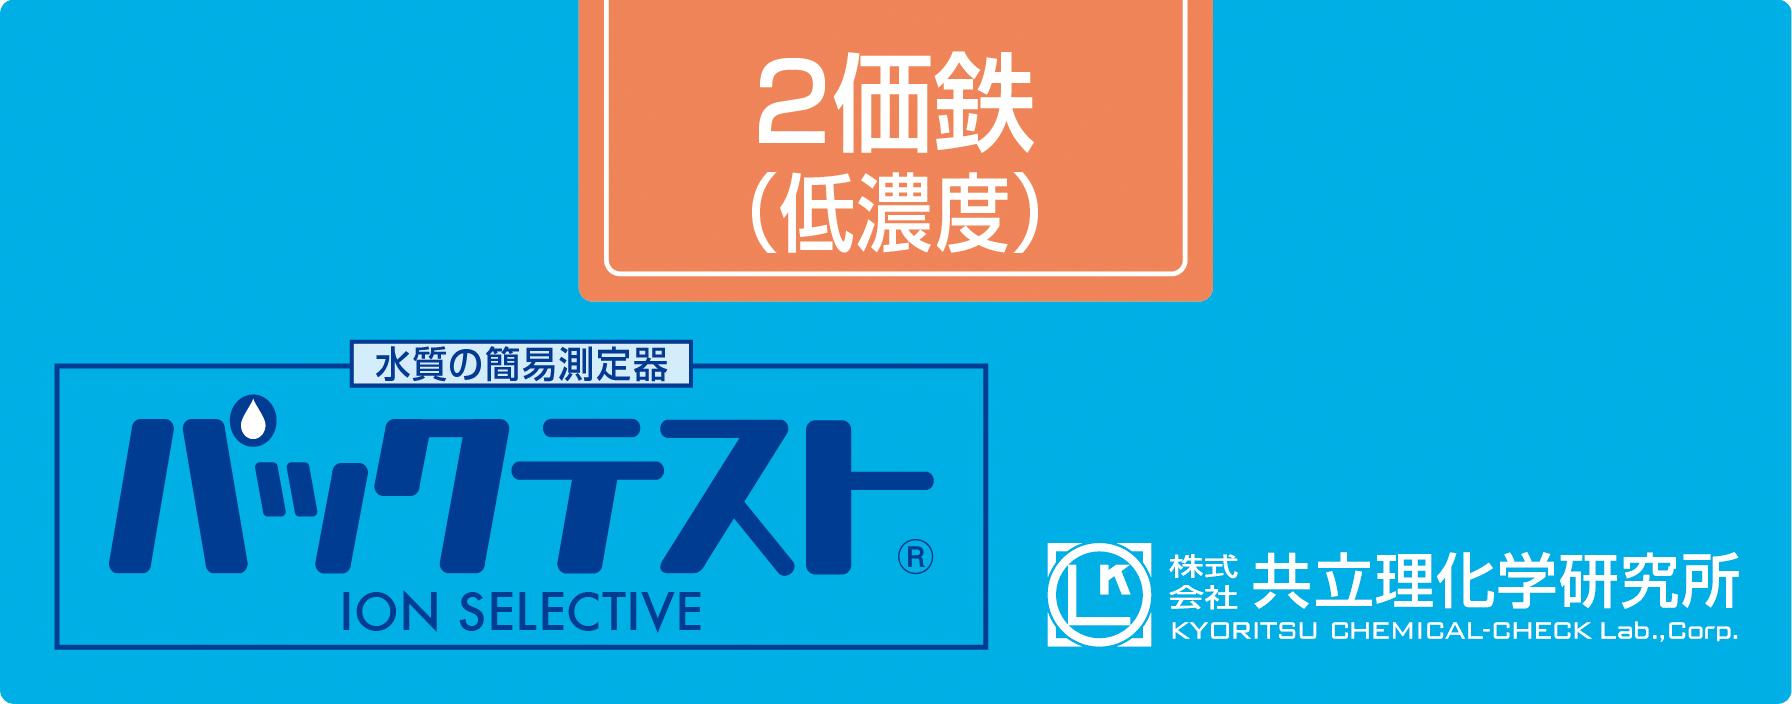 パックテスト 2価鉄(低濃度)